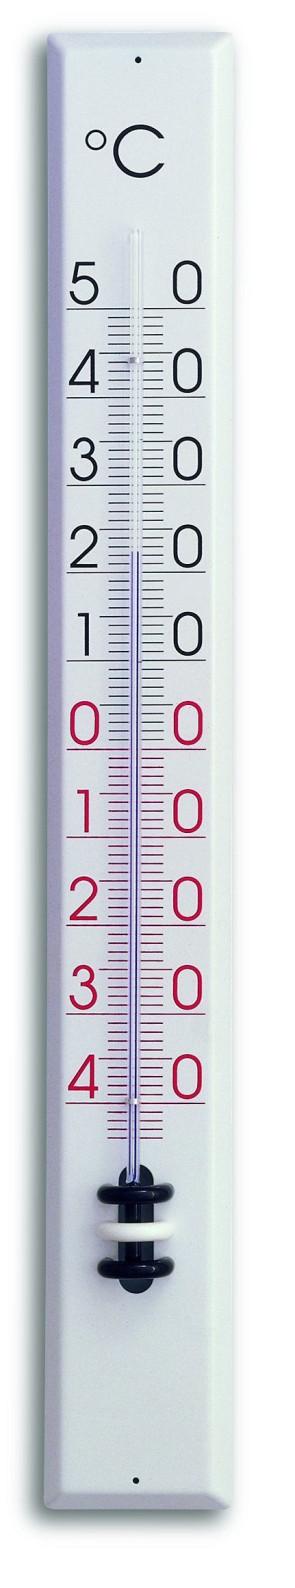 Termometro analogico a parete per interno ed esterno di TFA